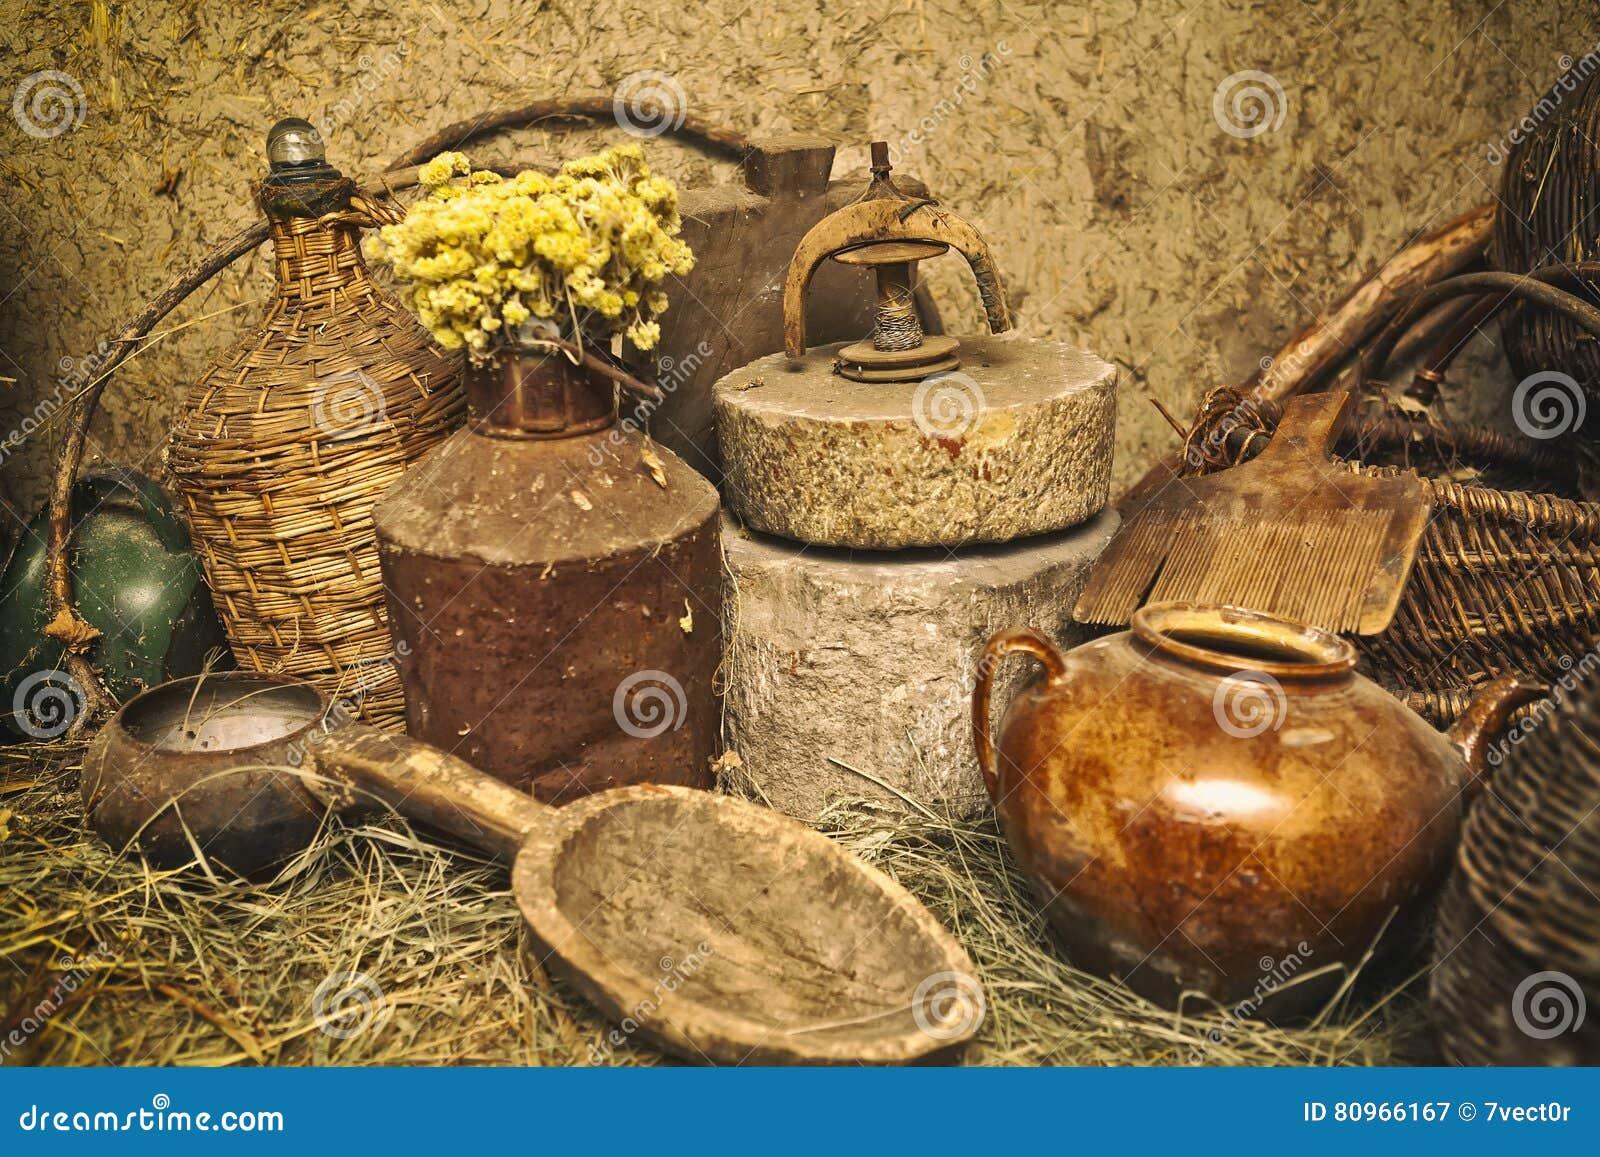 Utensilios antiguos de la cocina fotos de stock for Utensilios antiguos de cocina